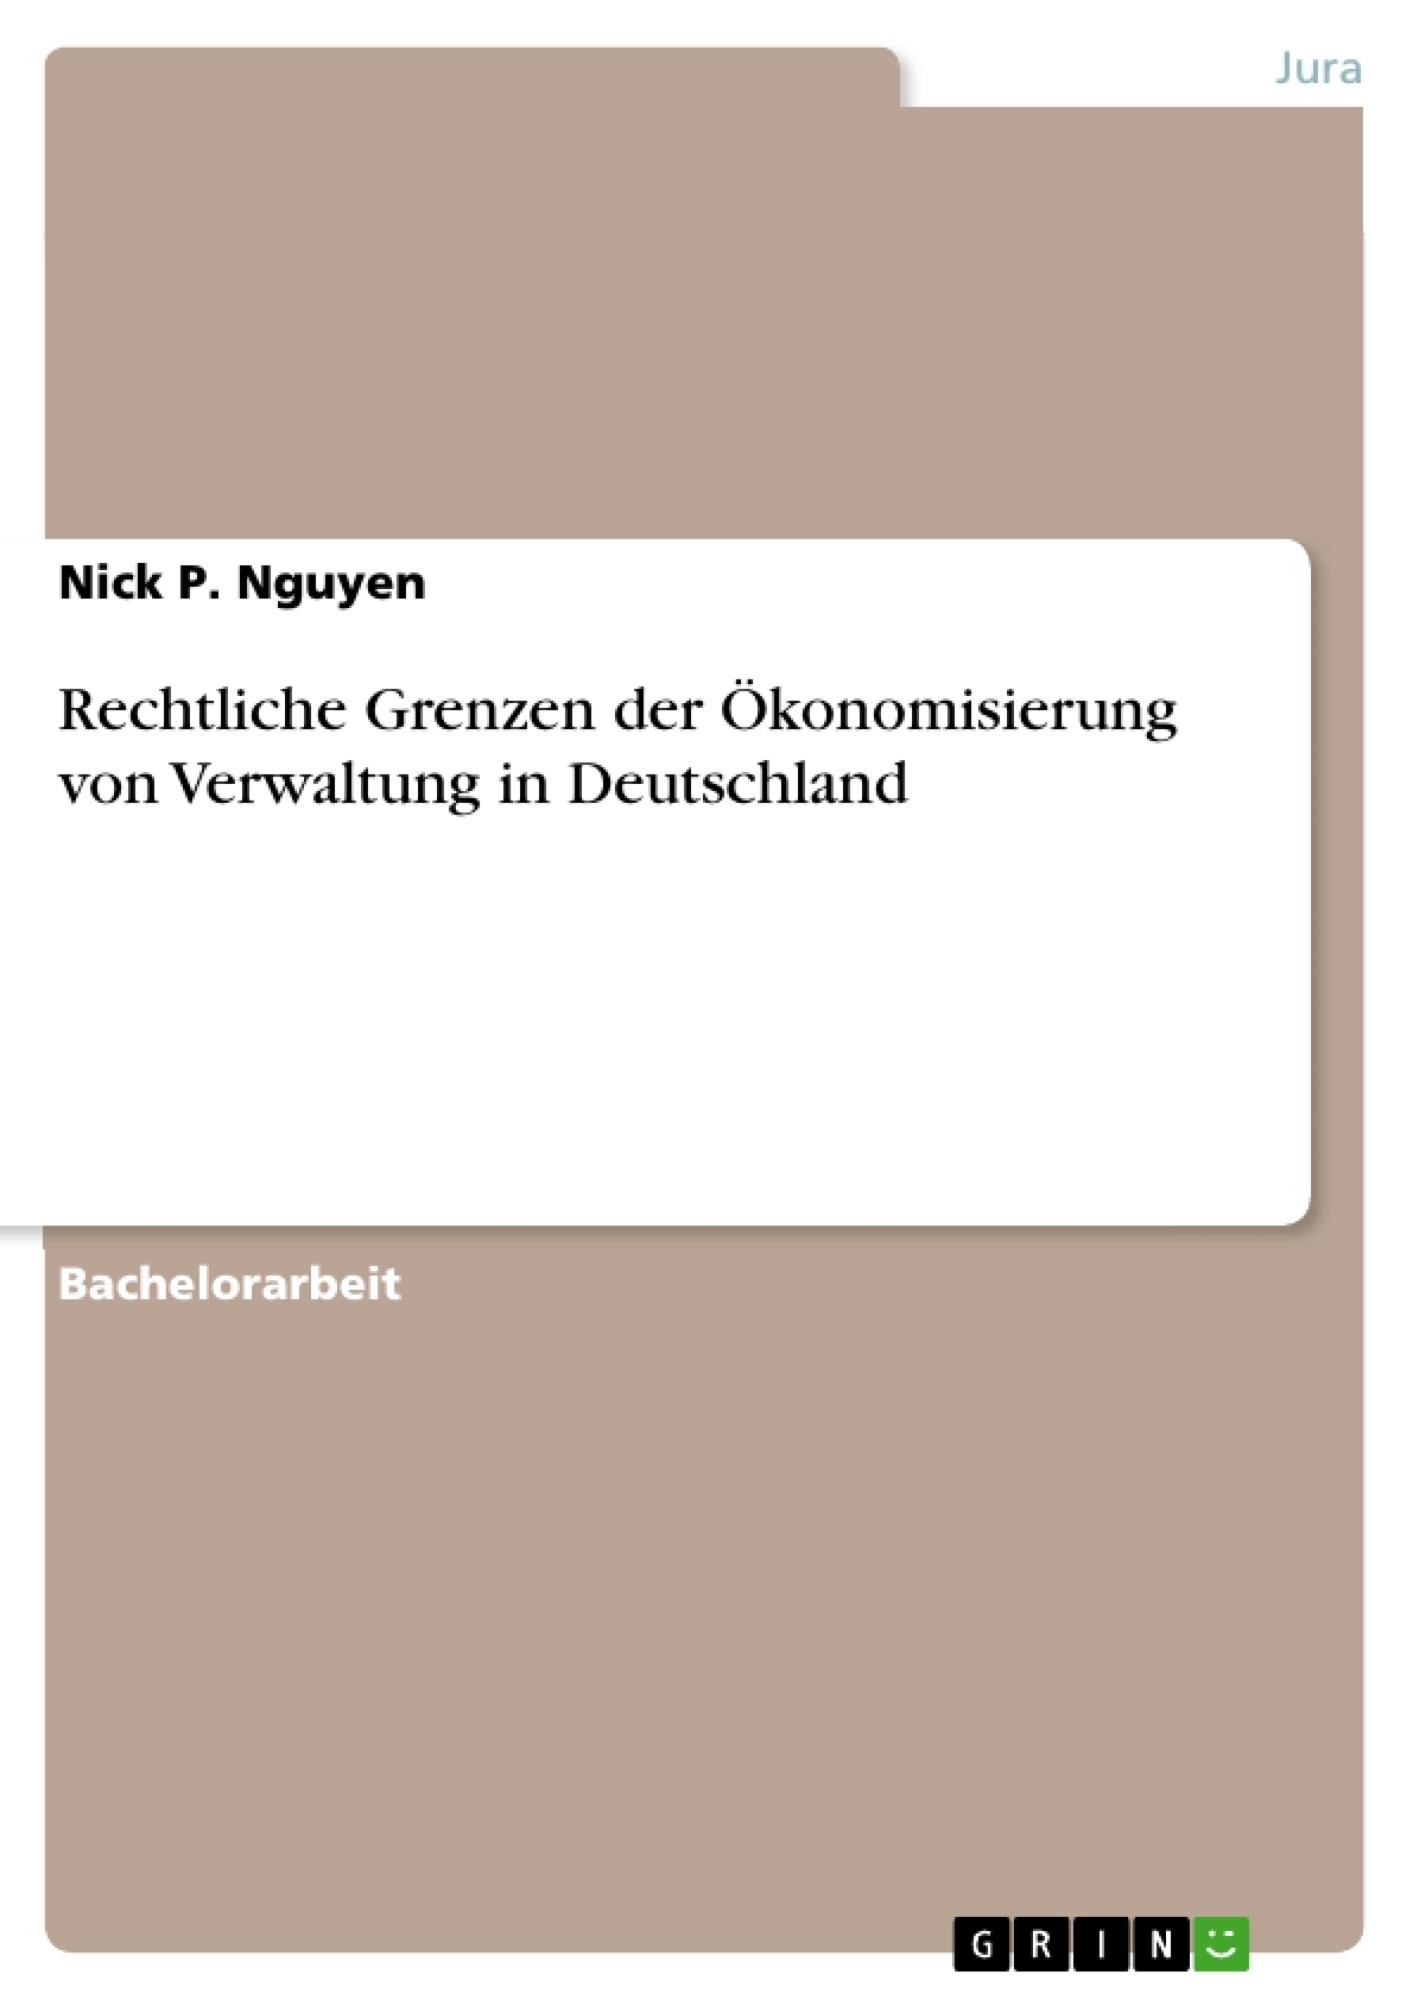 Titel: Rechtliche Grenzen der Ökonomisierung von Verwaltung in Deutschland